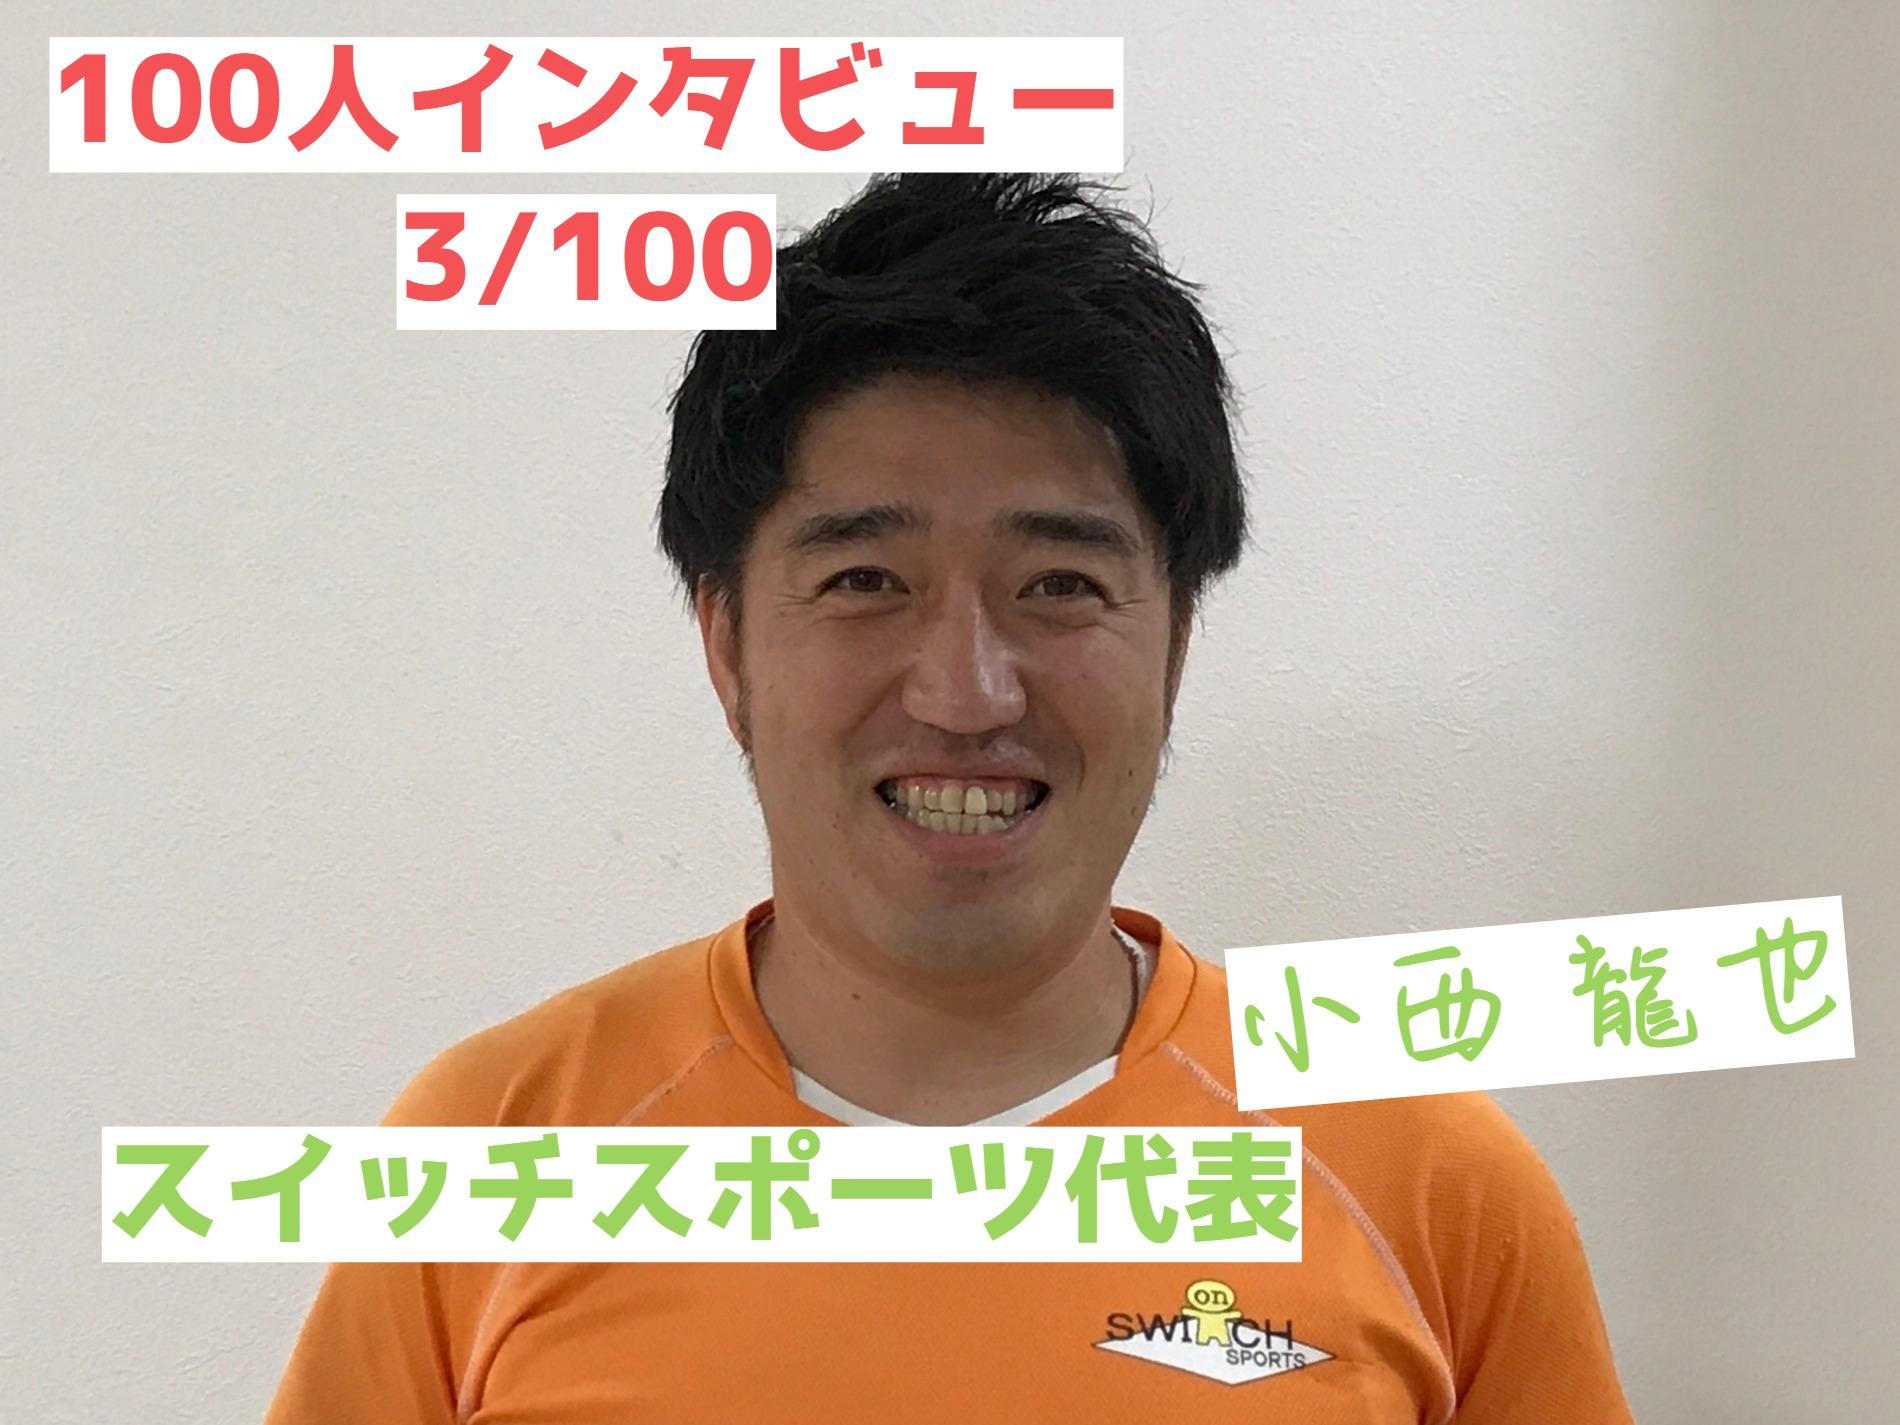 スイッチスポーツ代表 小西 龍也(100人インタビュー)